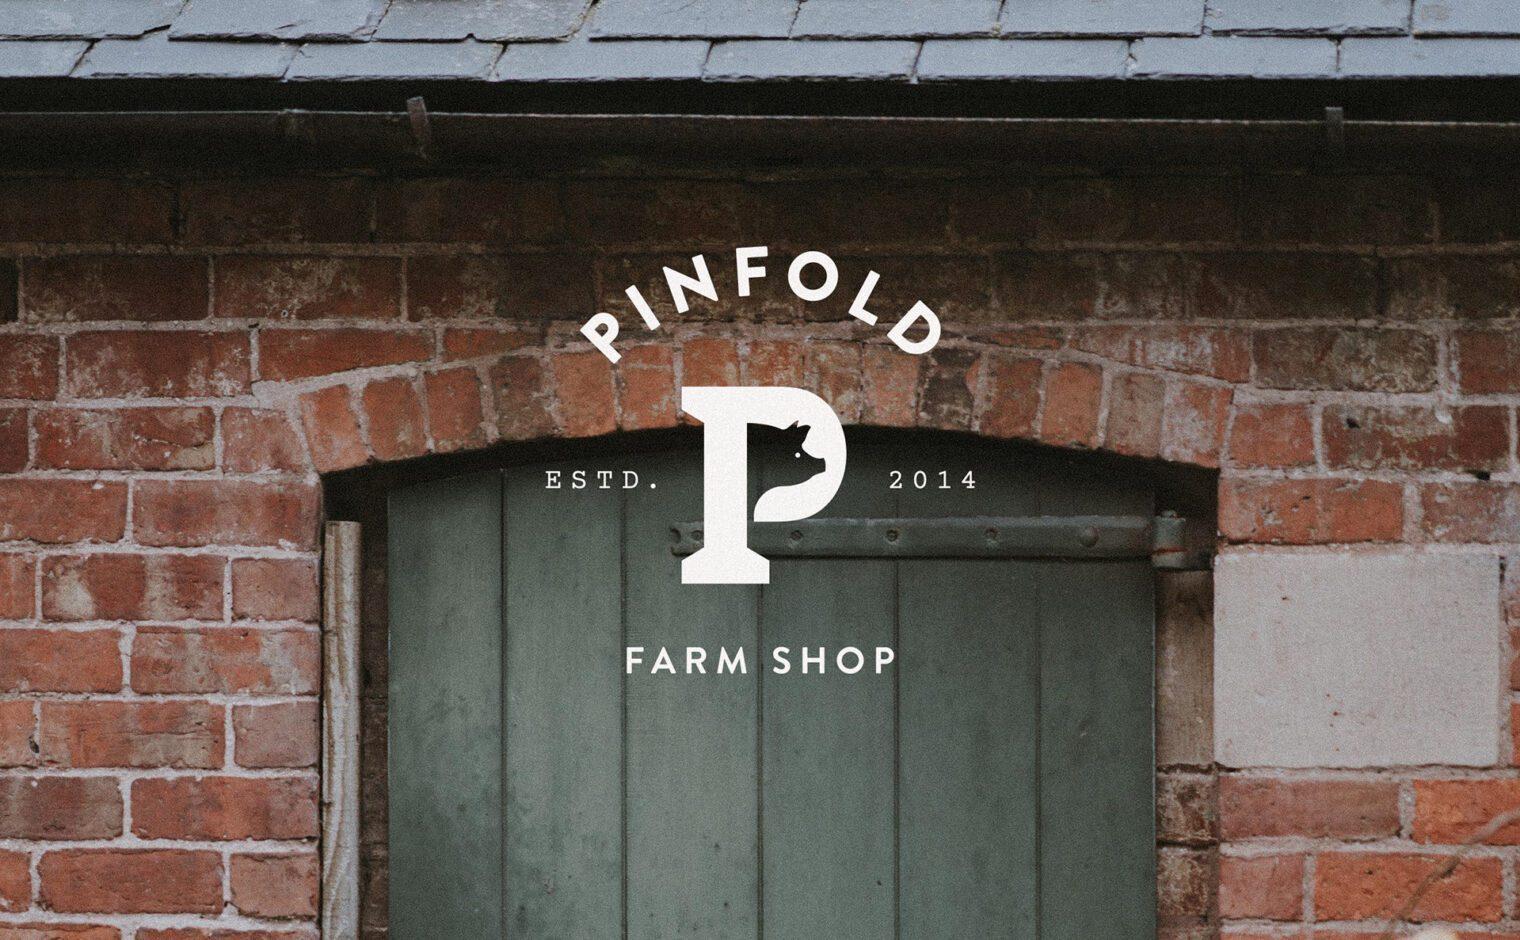 Pinfold Farm Shop main logo